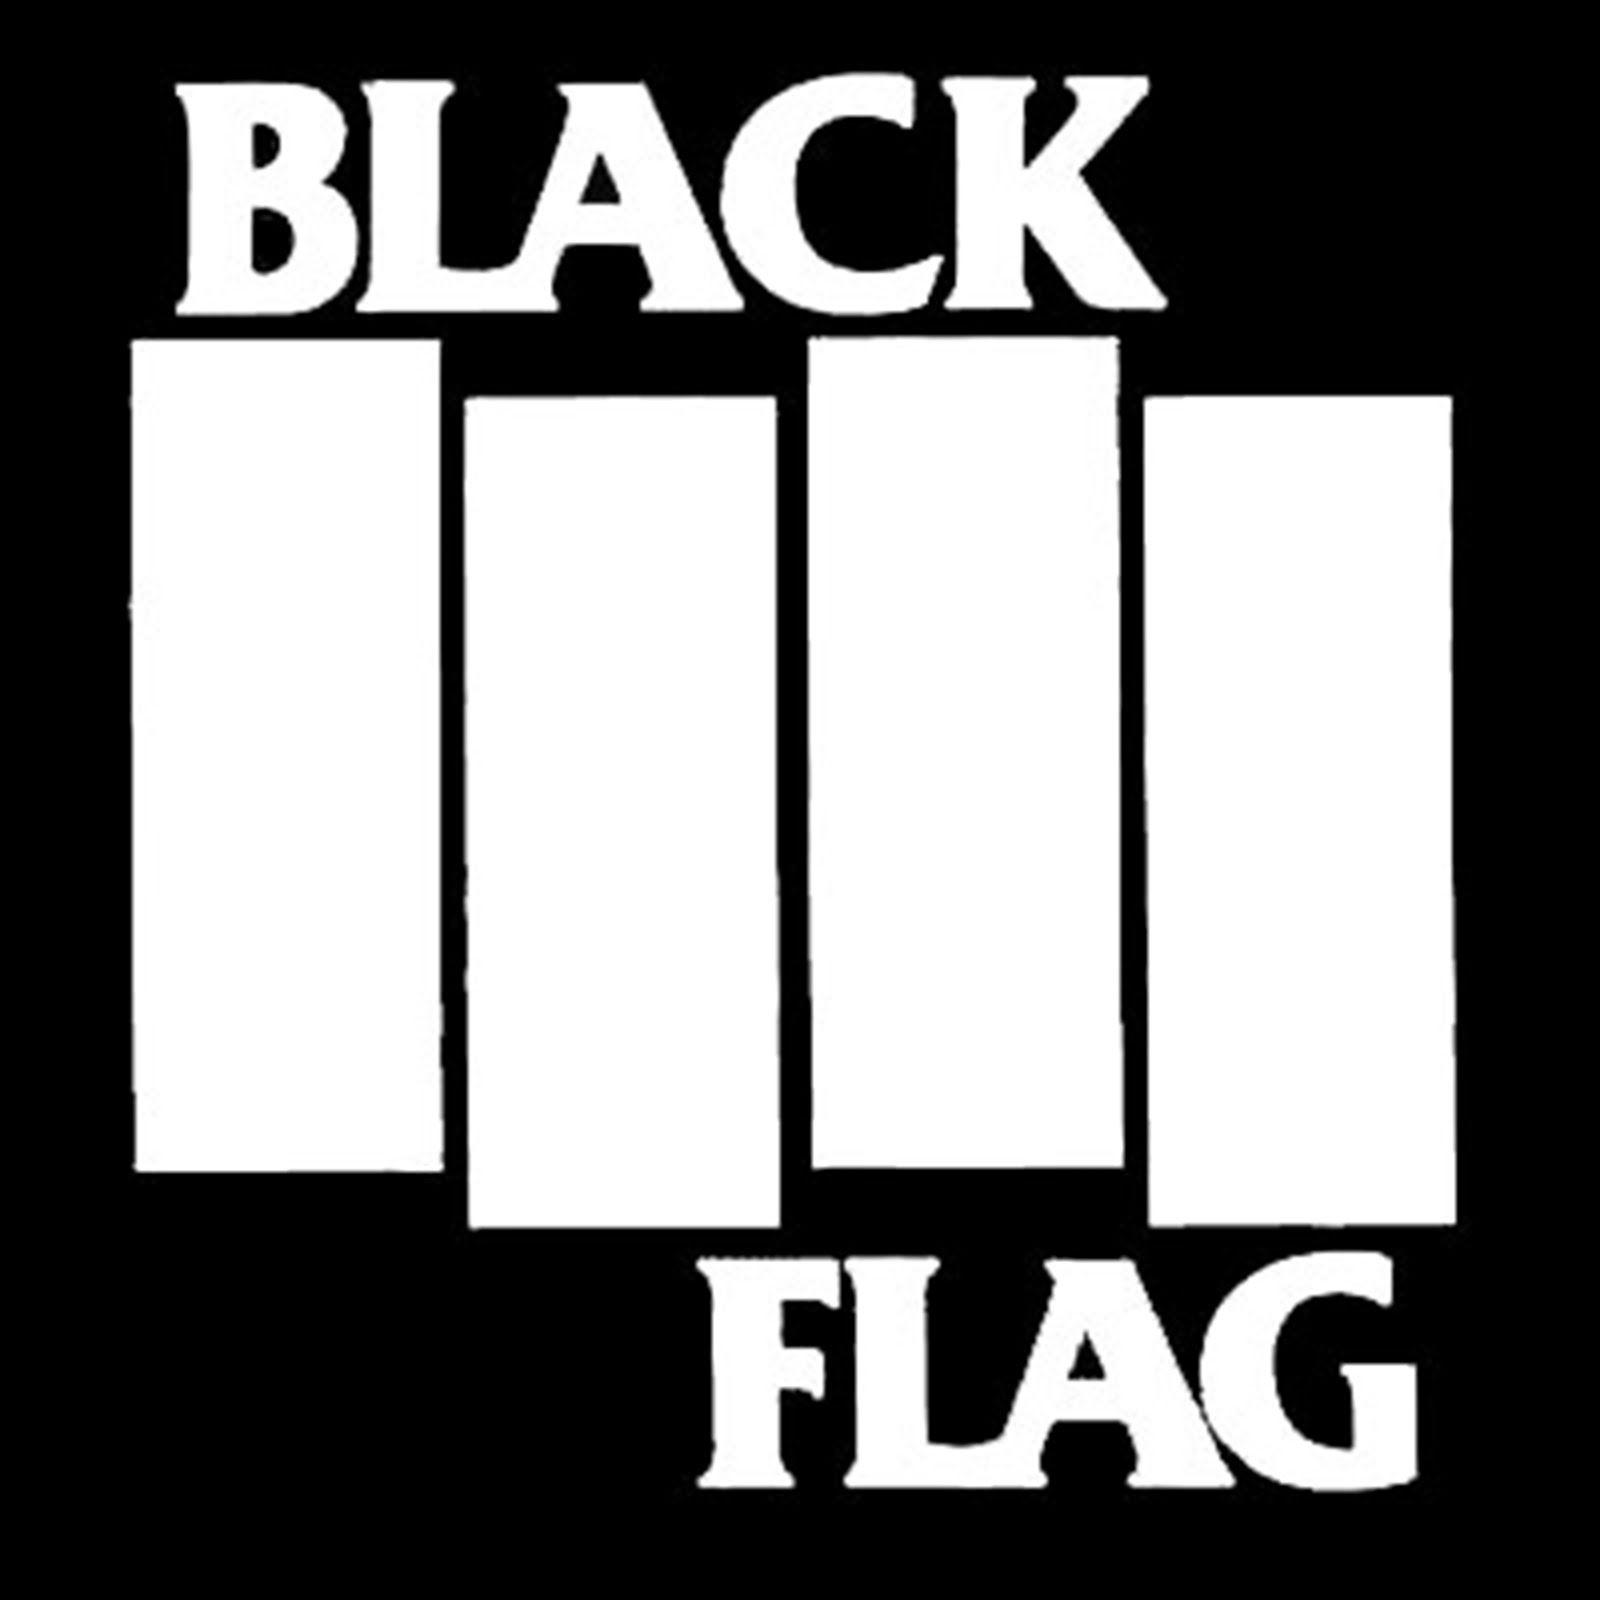 Black Flag Jpg 1600 1600 Logos De Banda Friz Preto E Branco